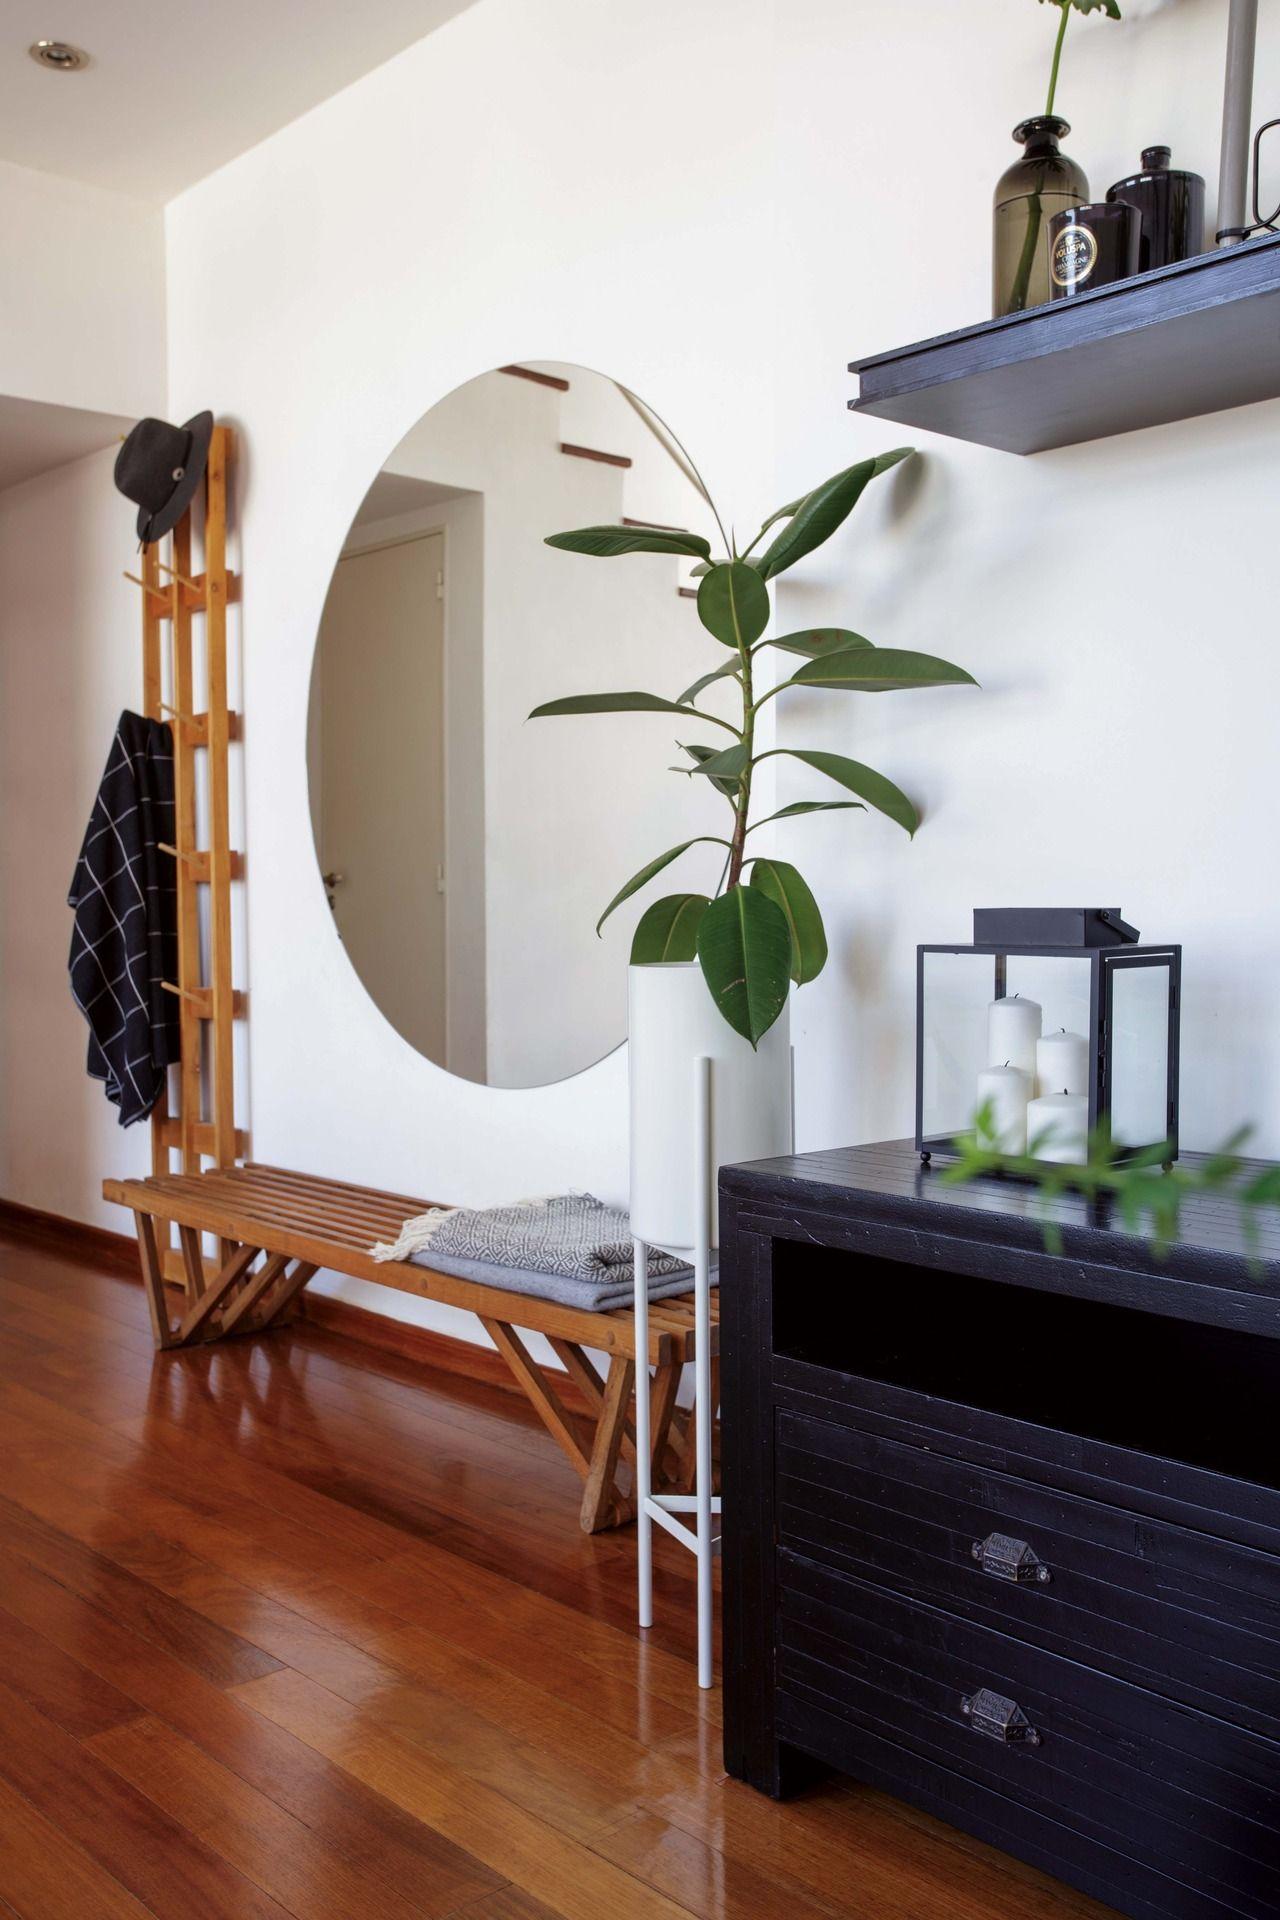 Nuevas Vetas Pocos Objetos Realzan La Belleza De Lo Simple En  # Muebles Net Buenos Aires